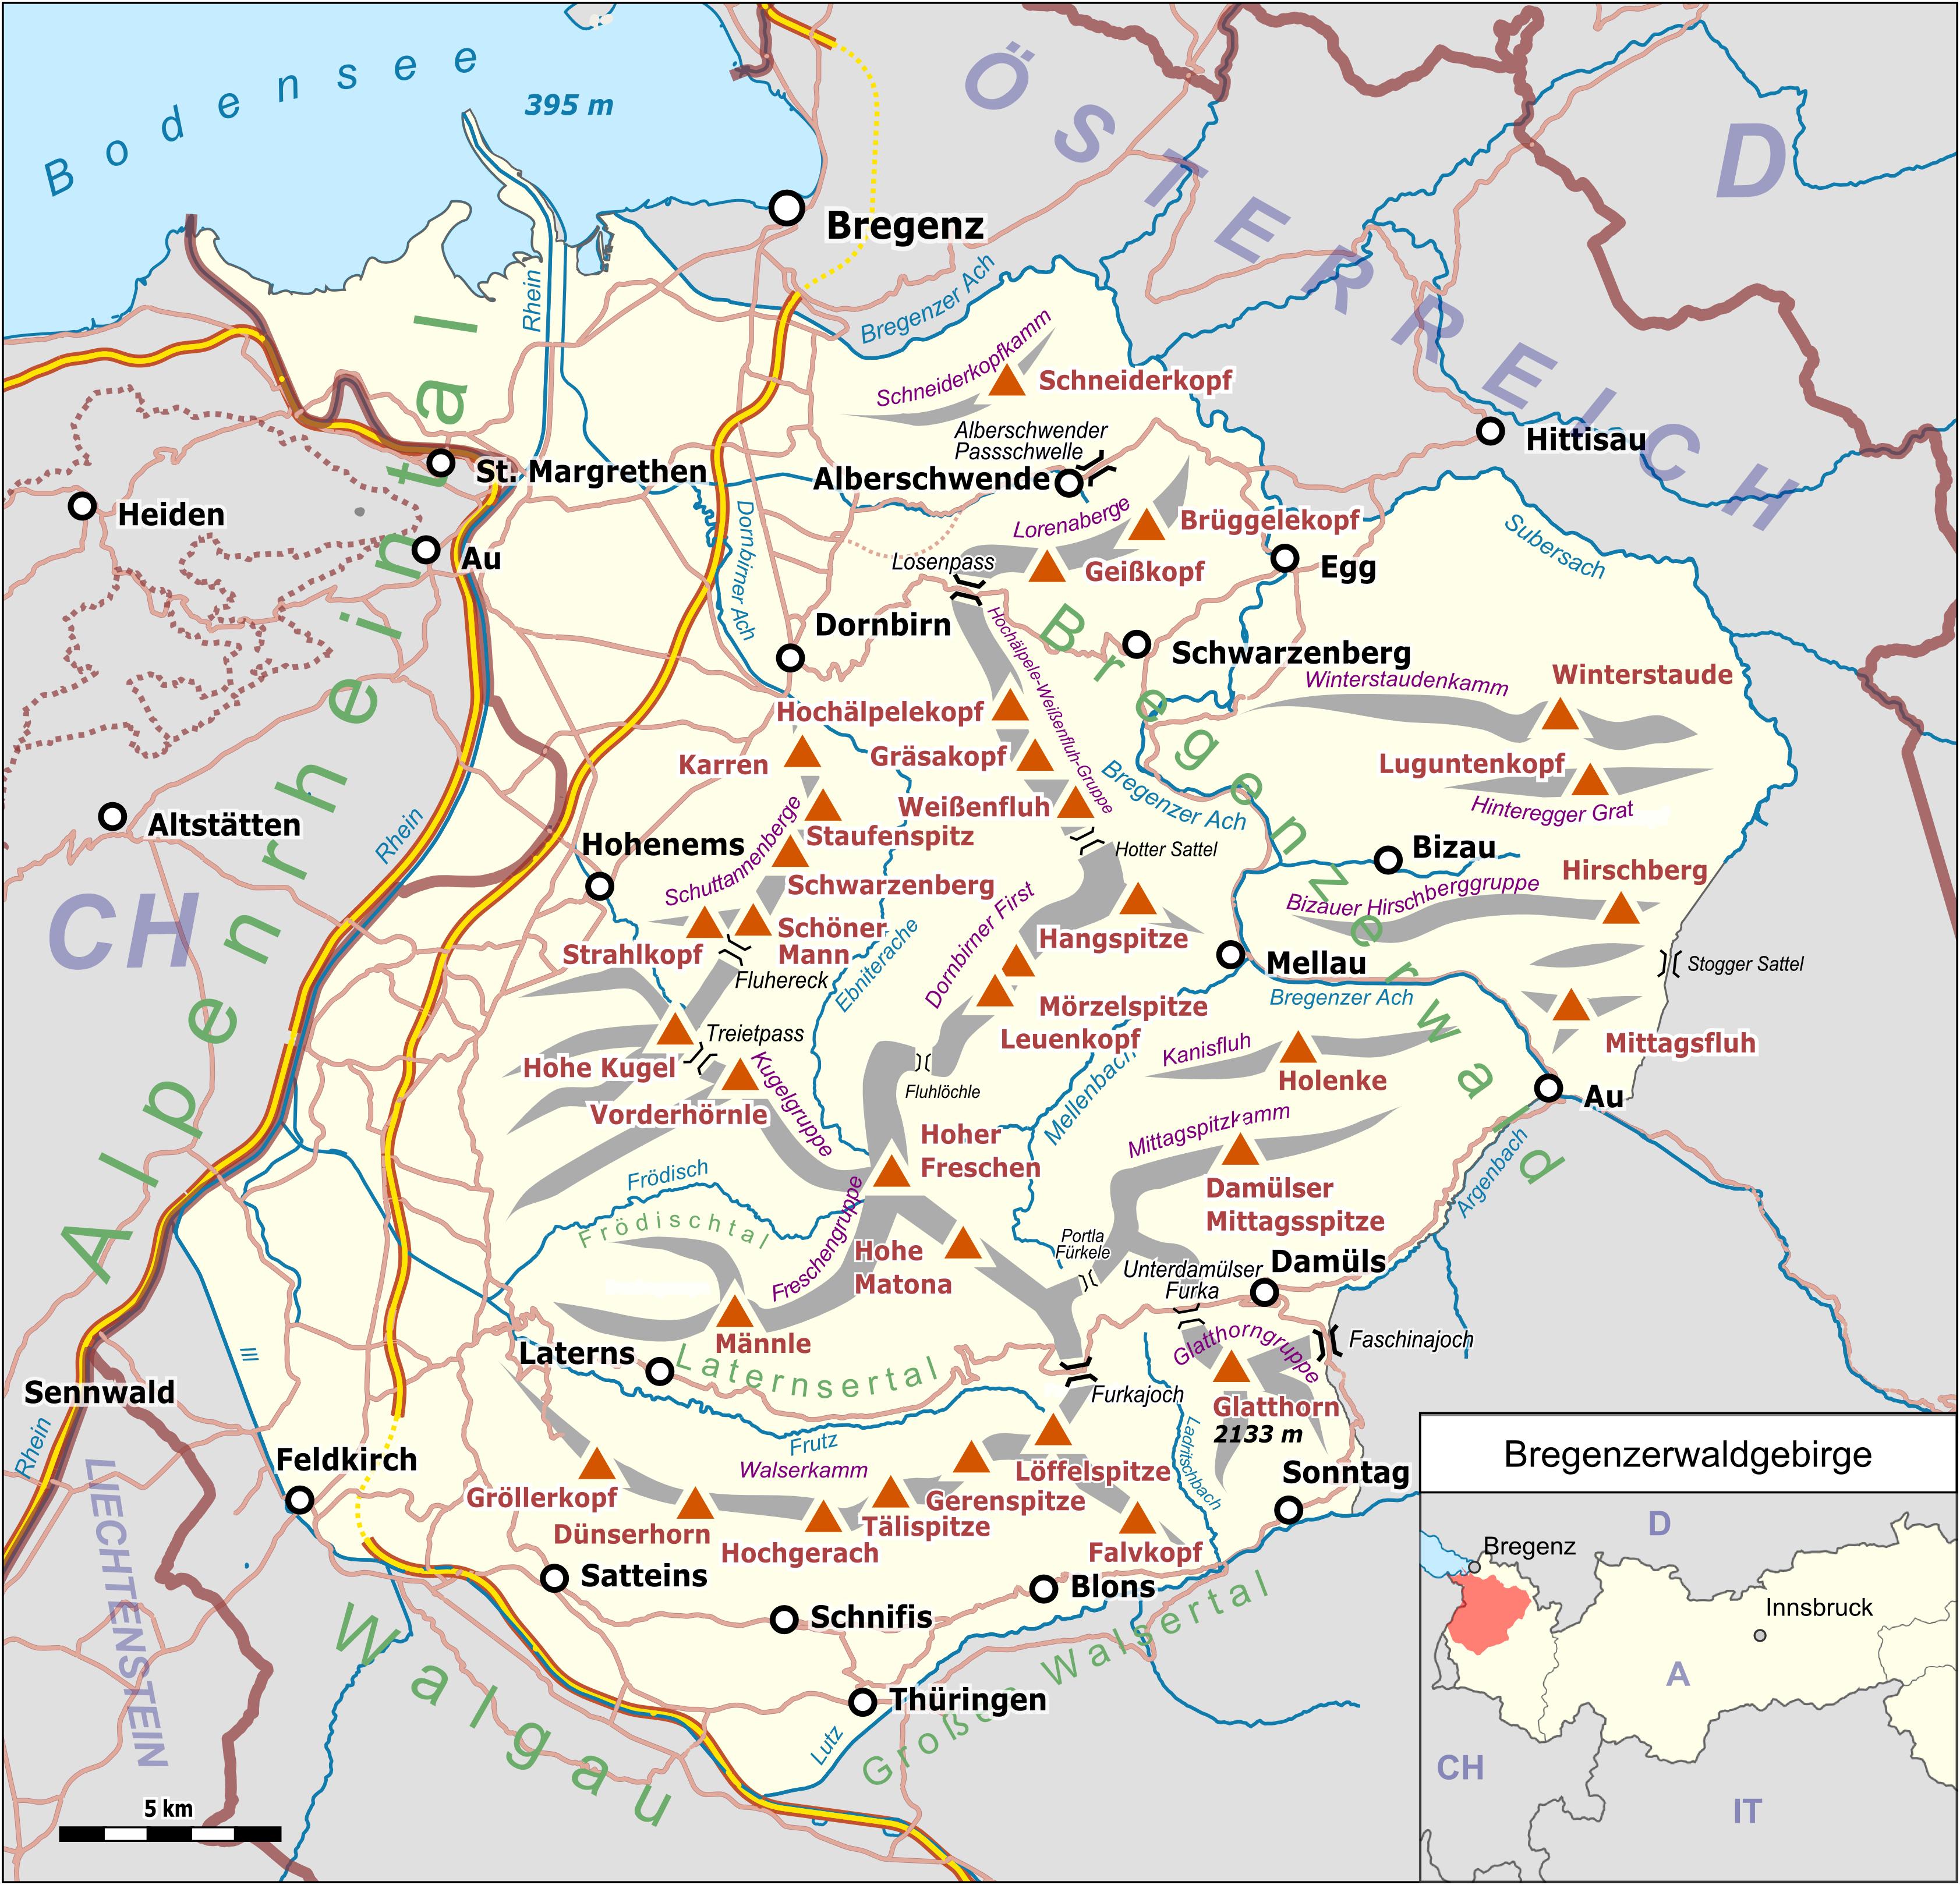 Vorarlberg Karte Berge.Bregenzerwaldgebirge Wikipedia